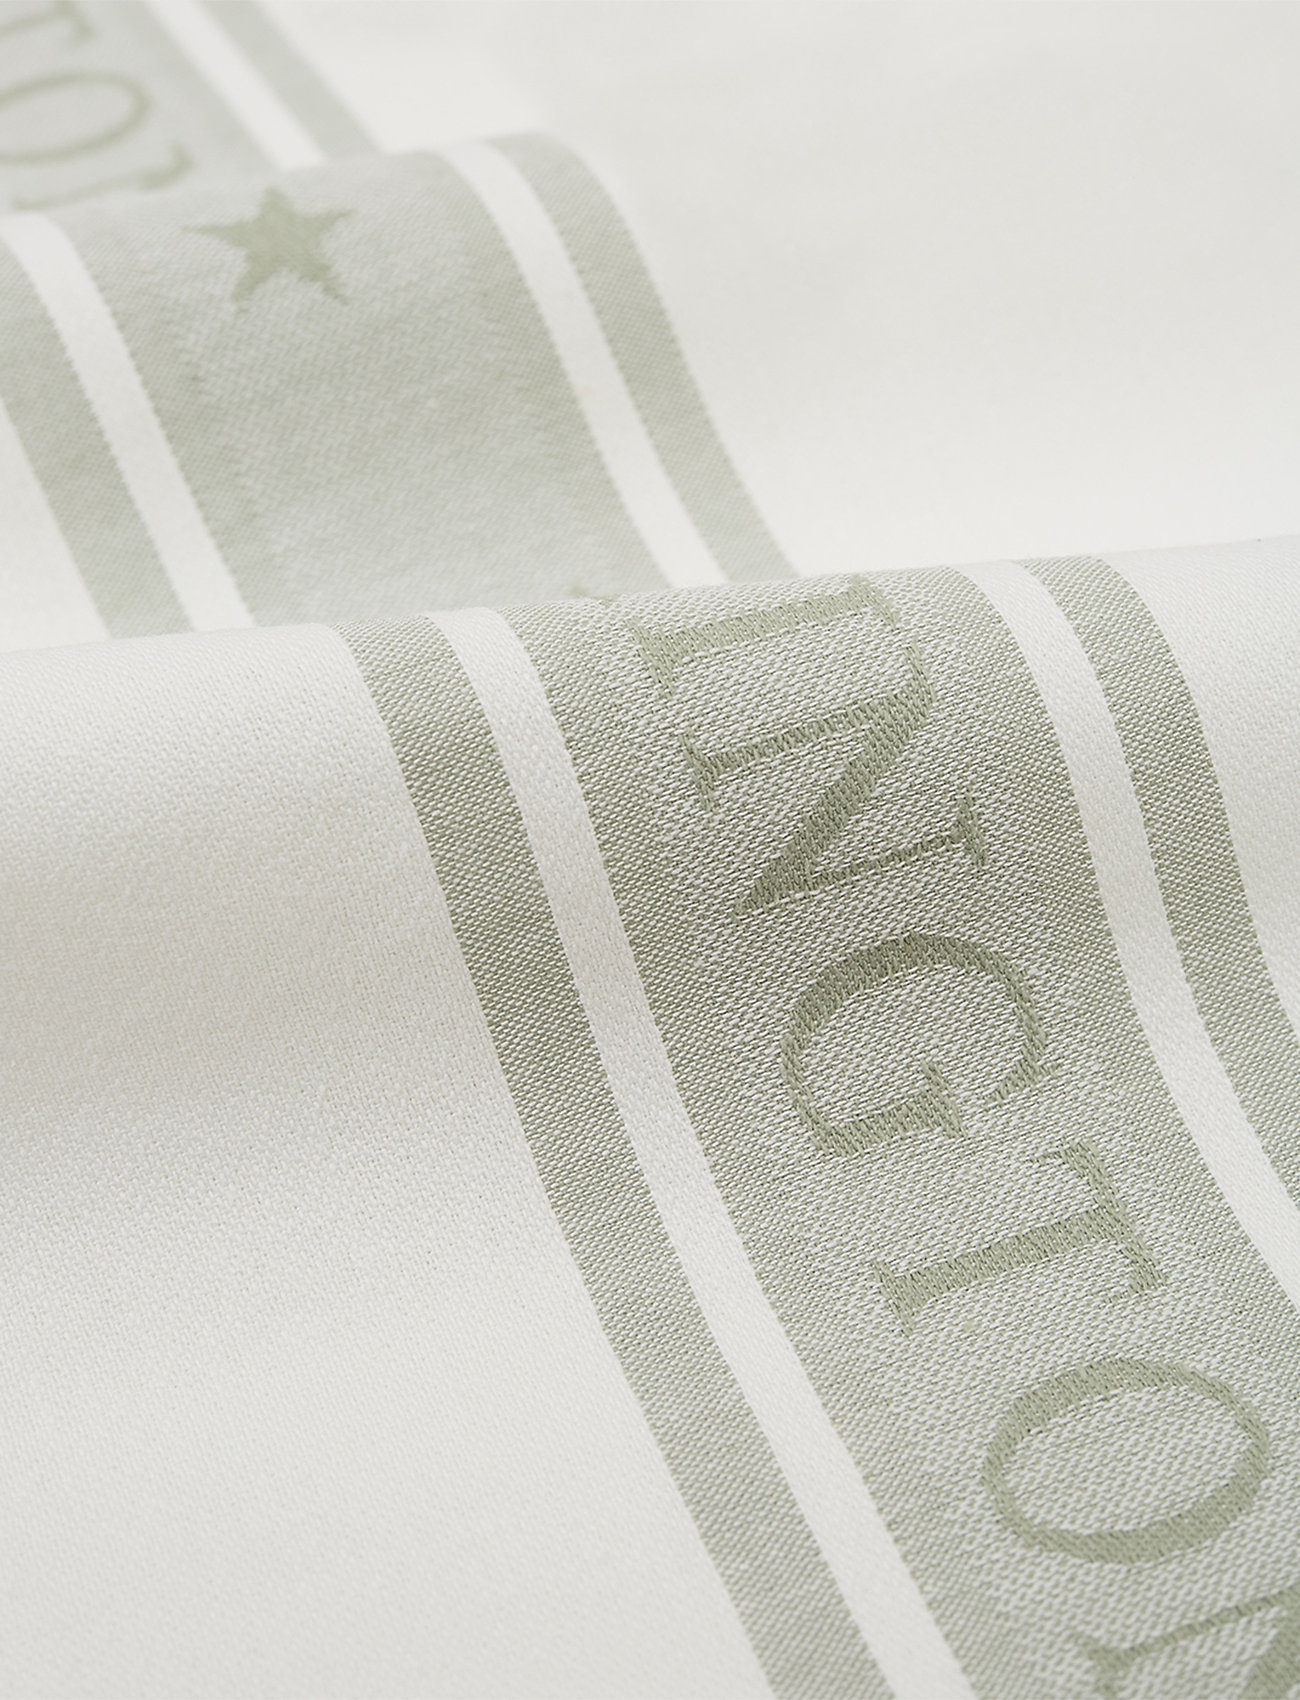 Lexington Home - Icons Cotton Jacquard Star Kitchen Towel - keittiöpyyhkeet - white/sage green - 1